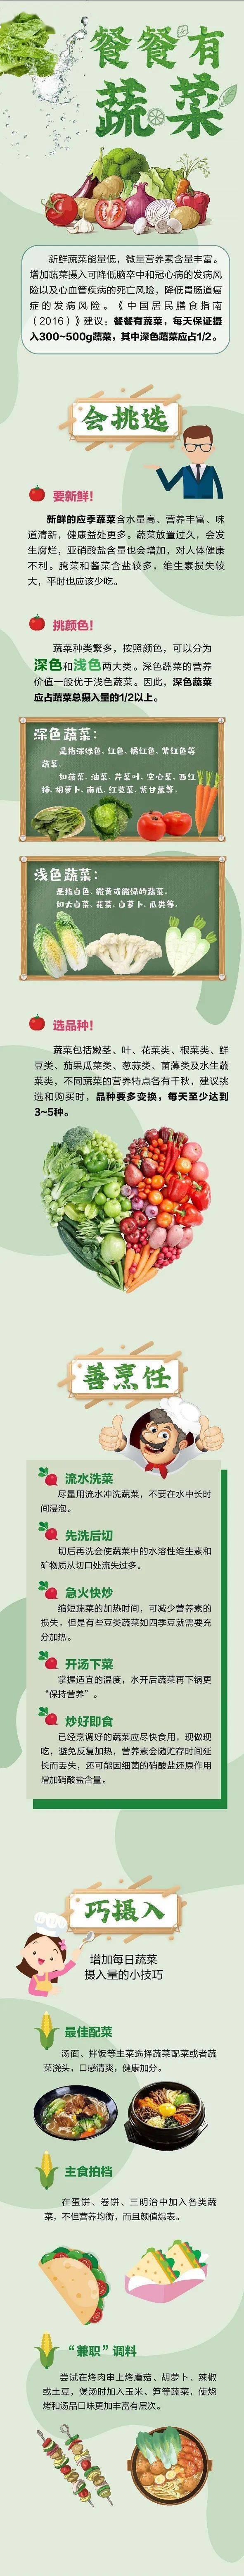 """【合理膳食】从菜市场到餐桌,""""三字经""""教我们如何锁住蔬菜营养"""